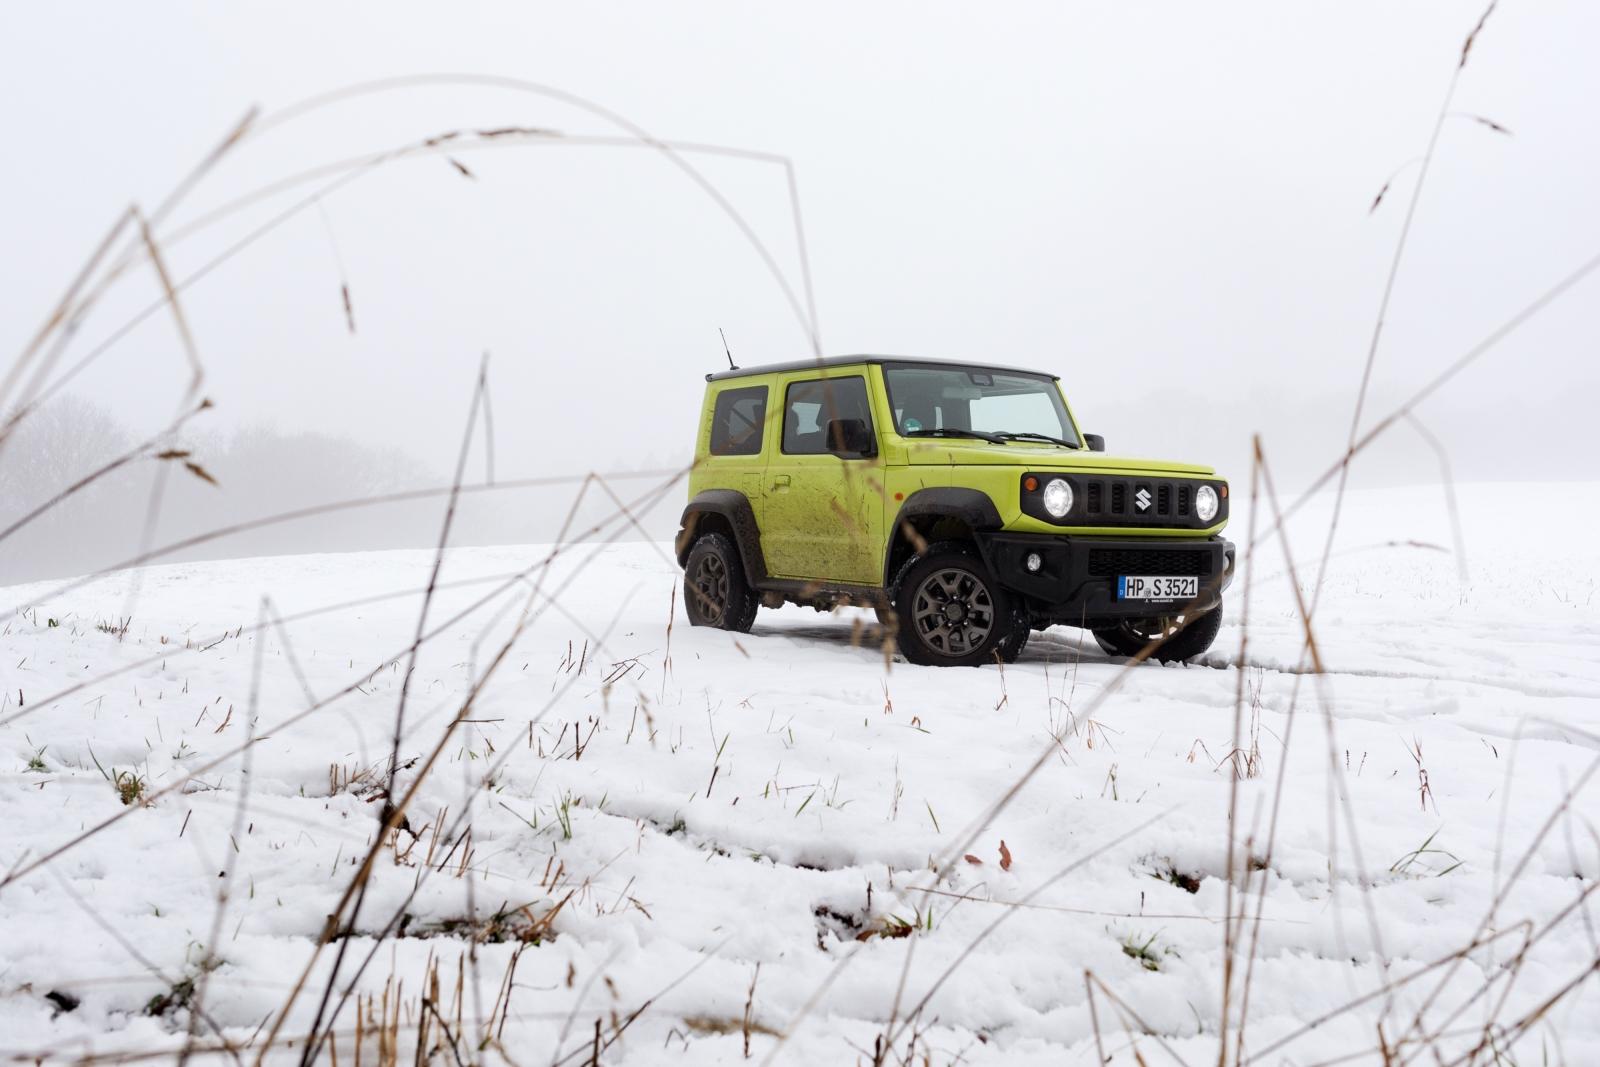 Suzuki Jimny GJ - Den findet man auch im Schnee schnell wieder.